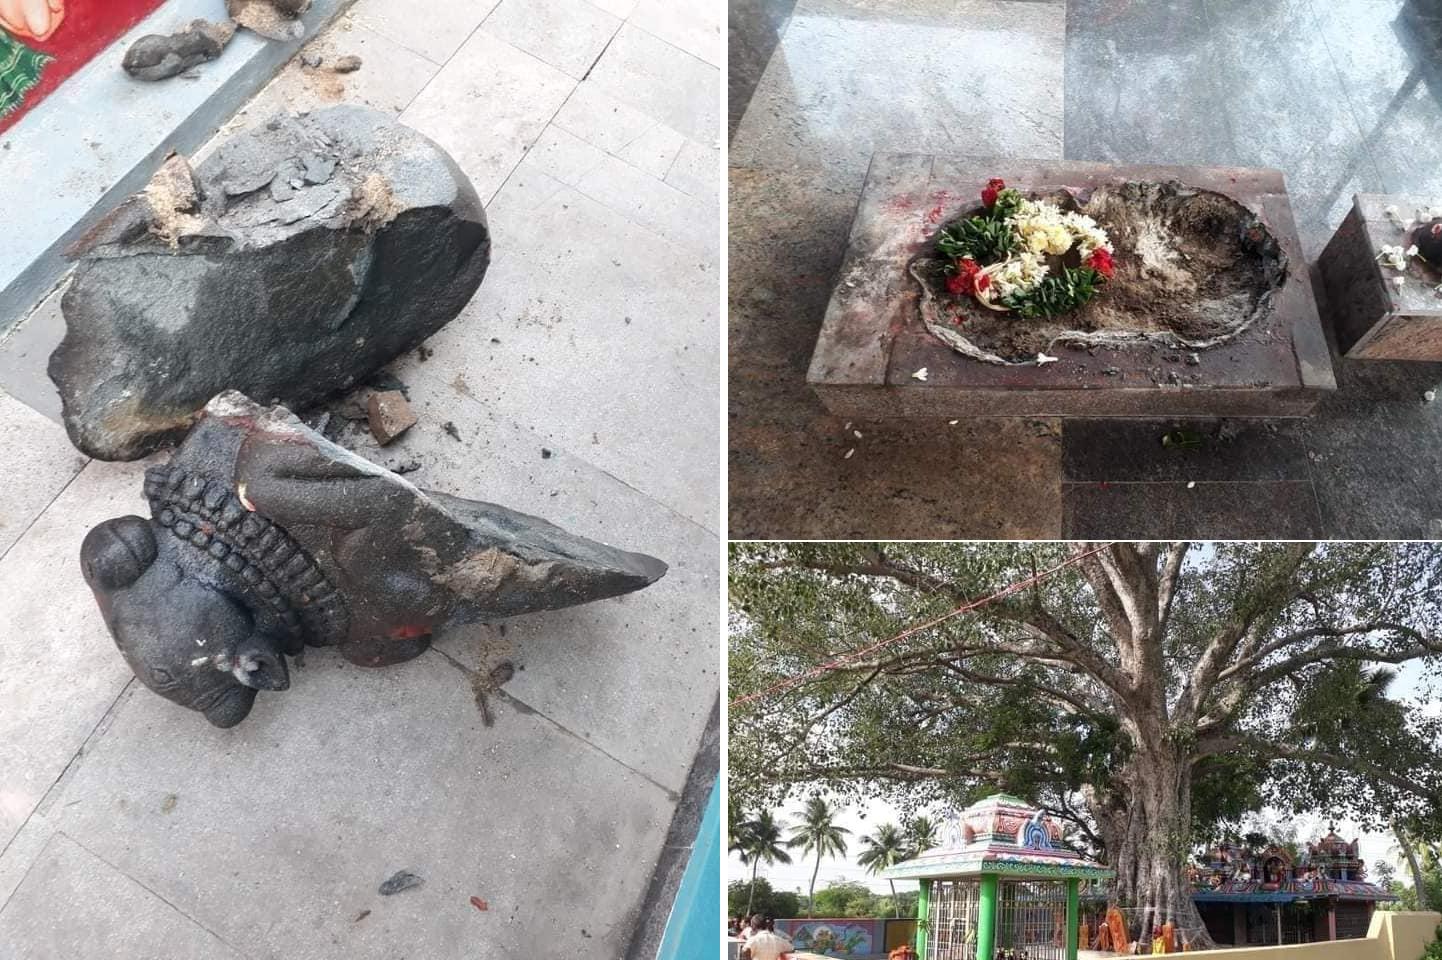 ఆంధ్రప్రదేశ్లో దాడి చేసిన మరో ఆలయం, చిత్తూరులో నంది విగ్రహం ధ్వంసం చేయబడింది - Another temple attacked in Andhra Pradesh, Nandi idol vandalized in Chittoor